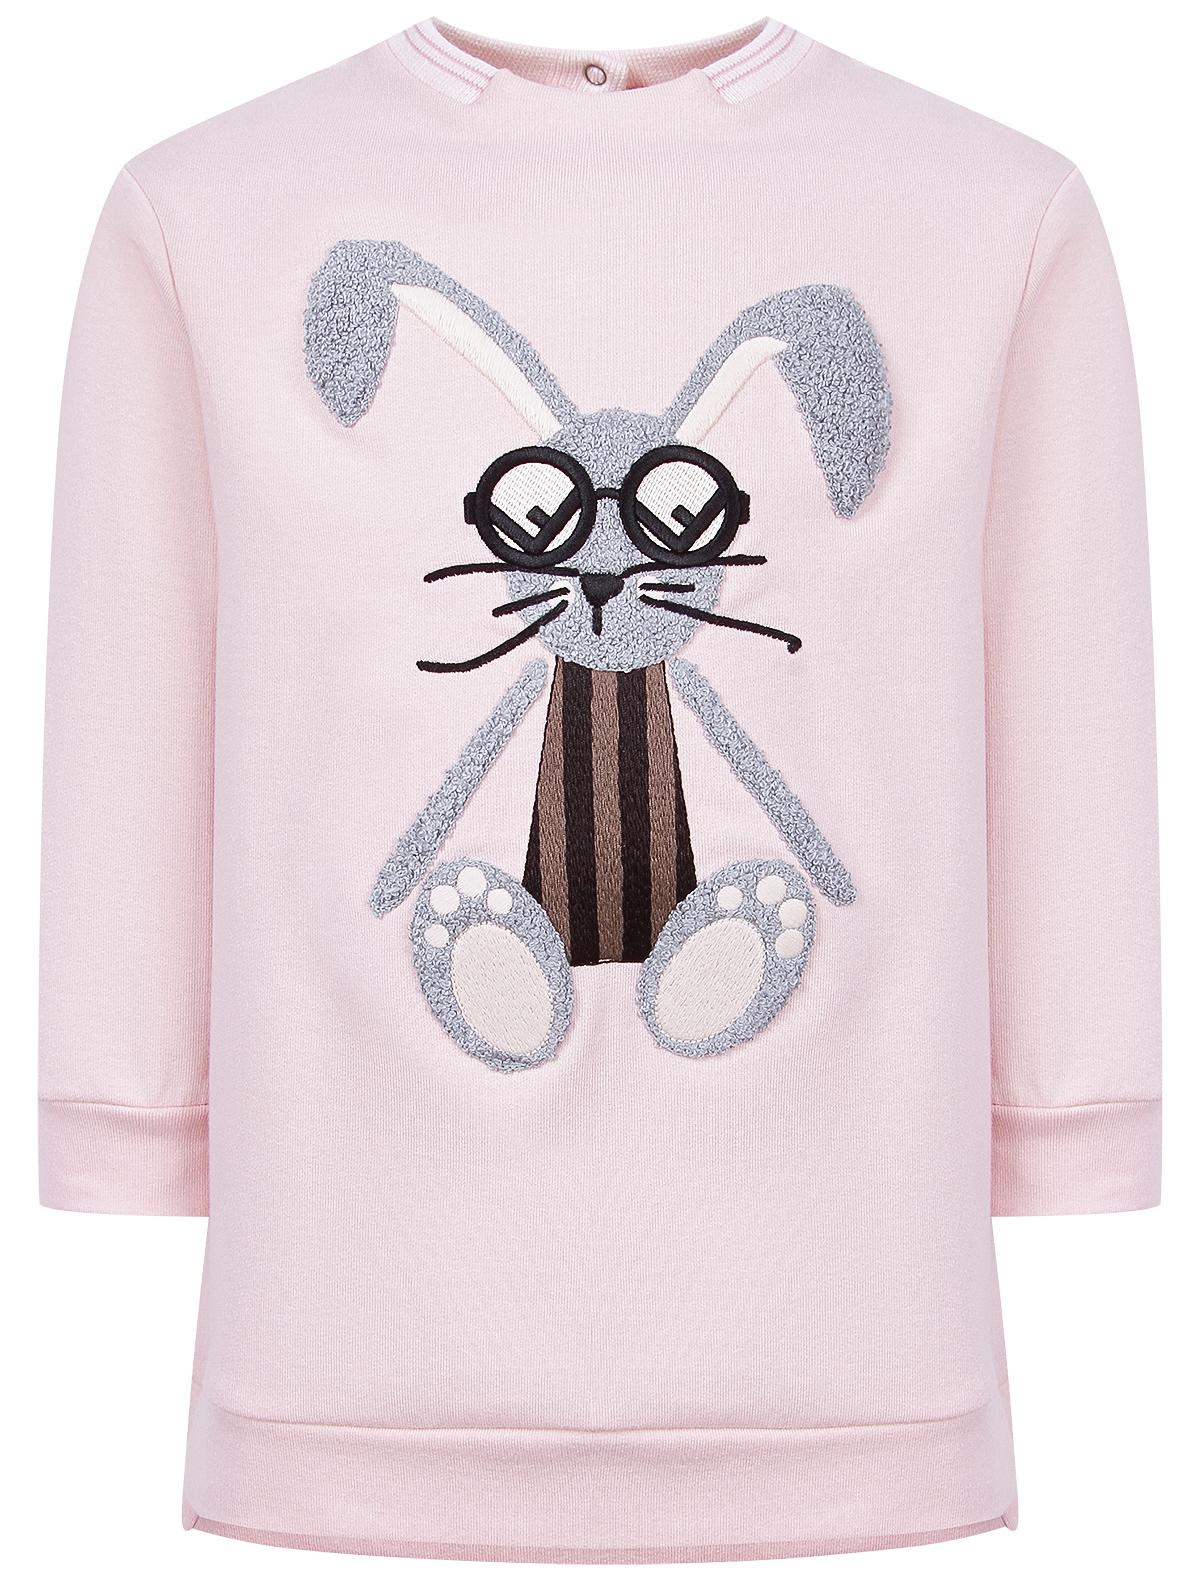 2039926, Платье Fendi, розовый, Женский, 1052609980220  - купить со скидкой